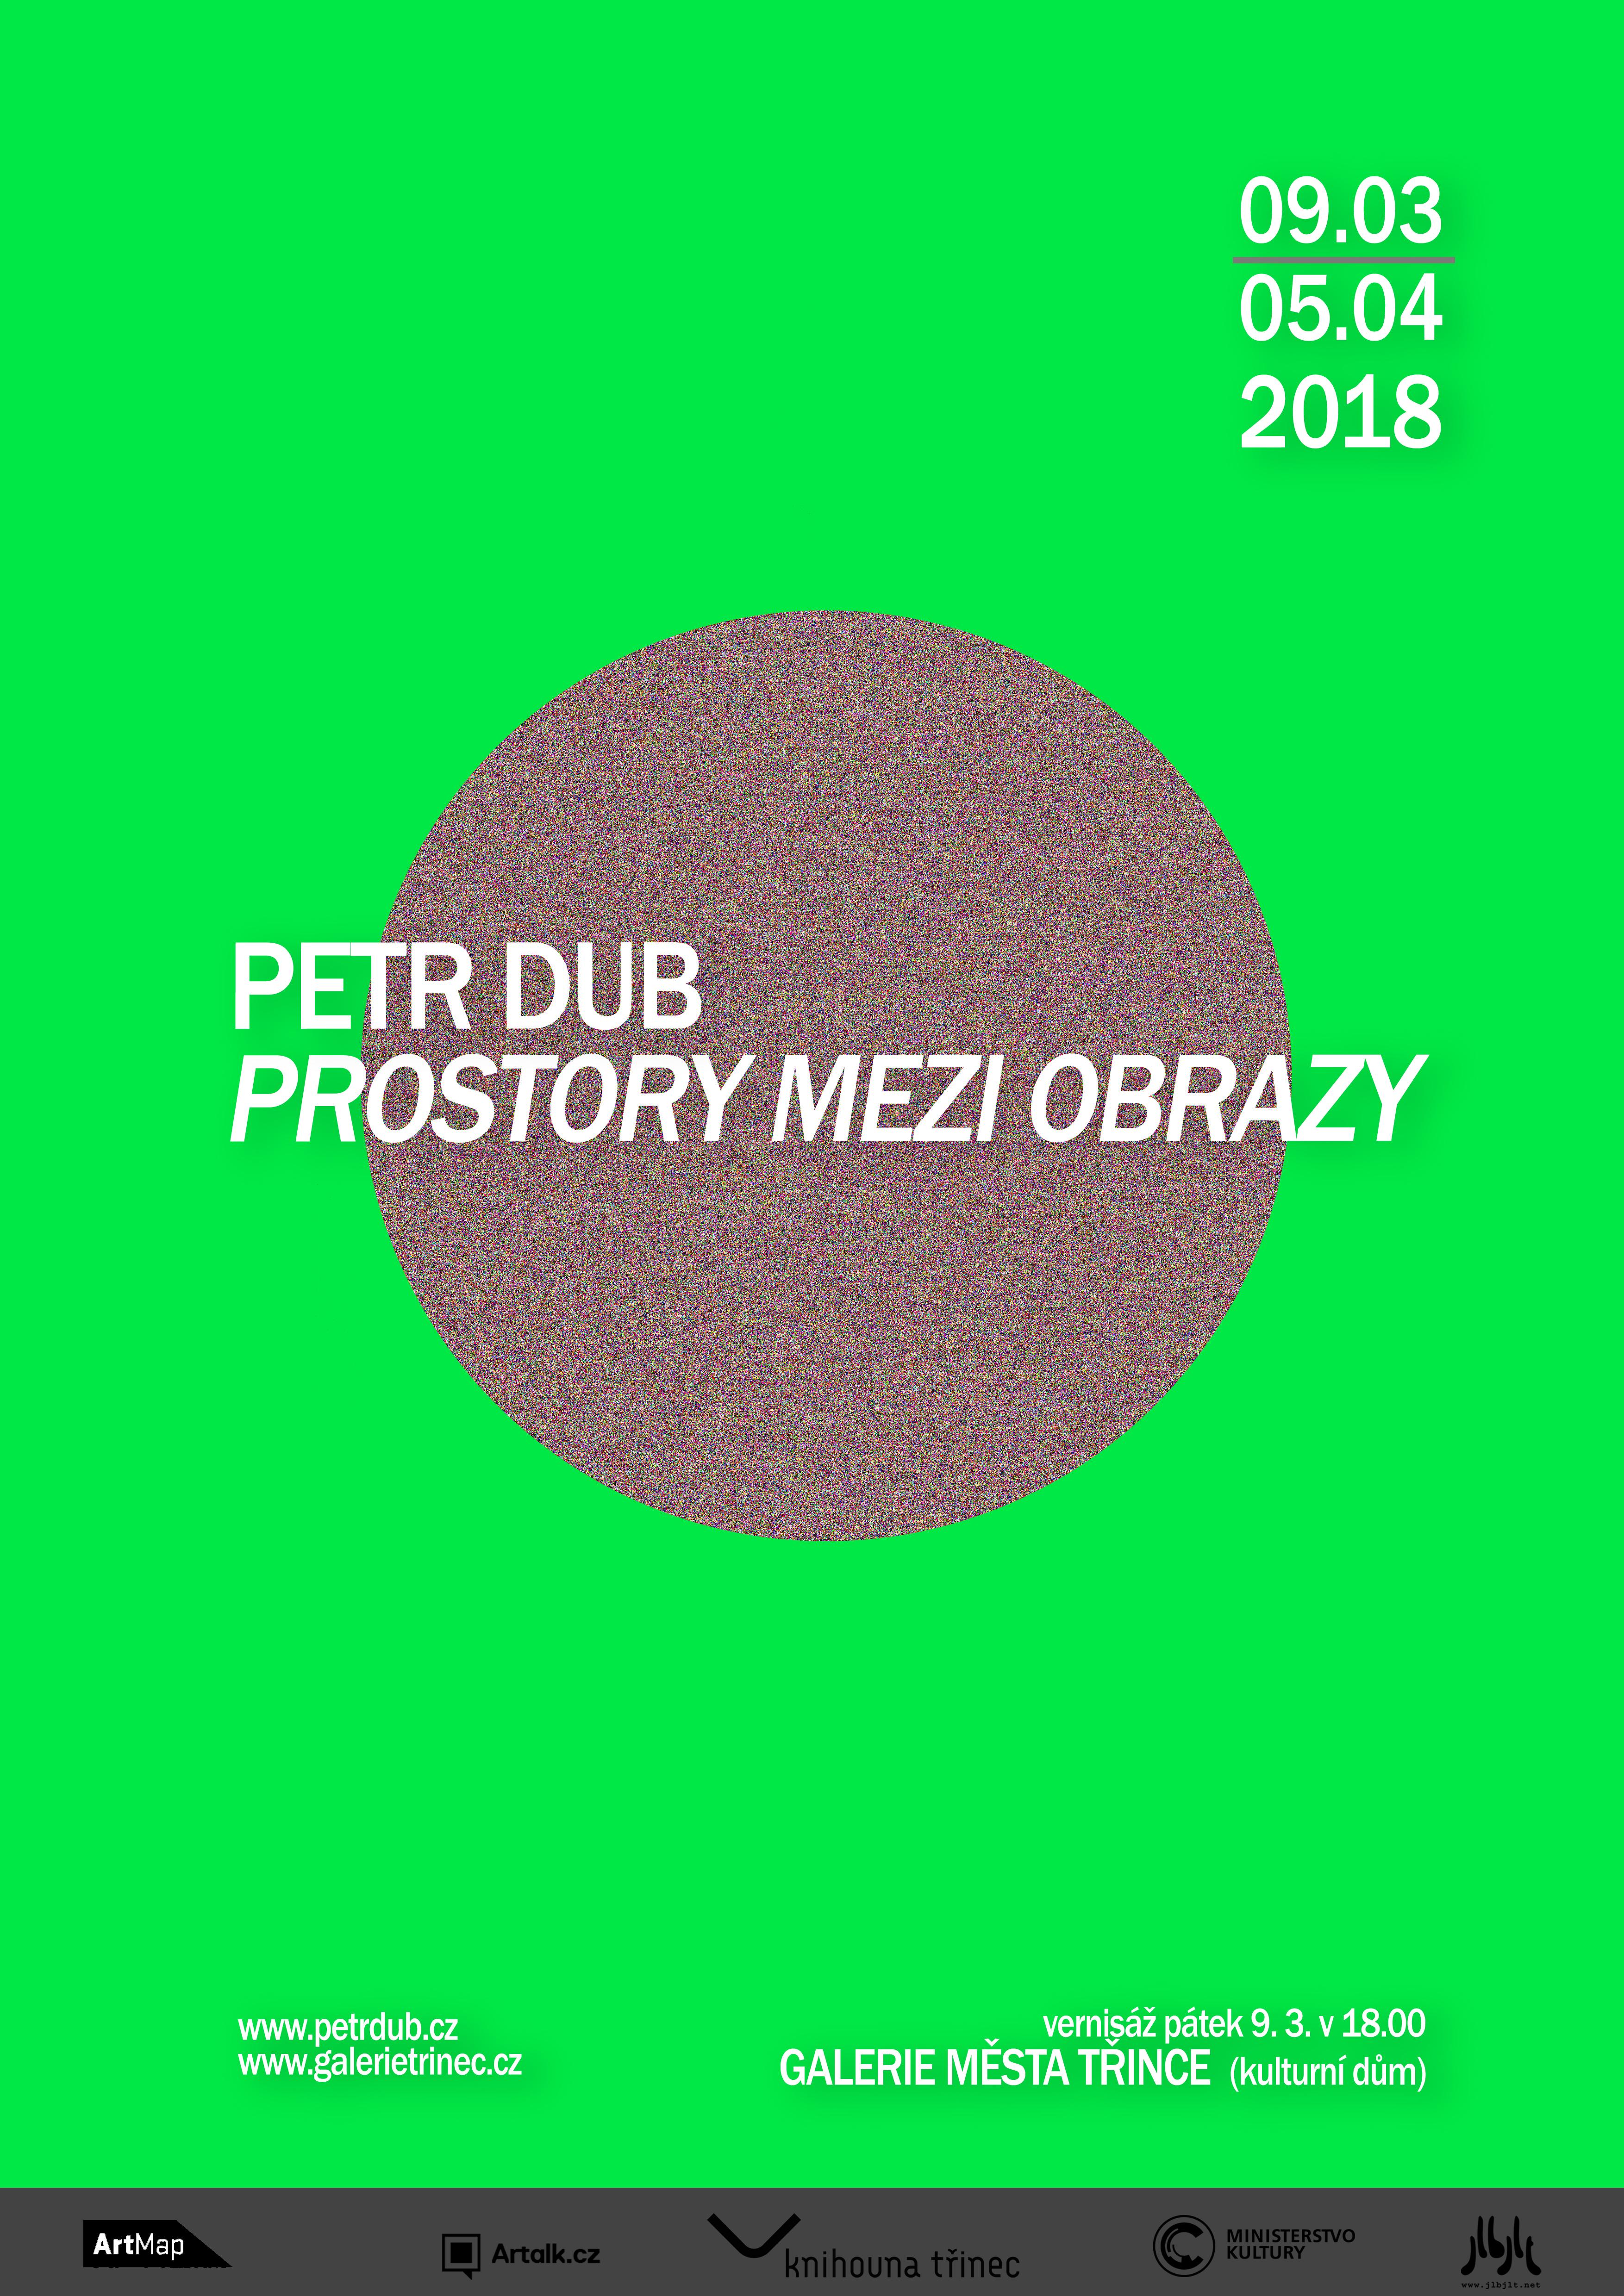 Petr Dub: Prostory mezi obrazy